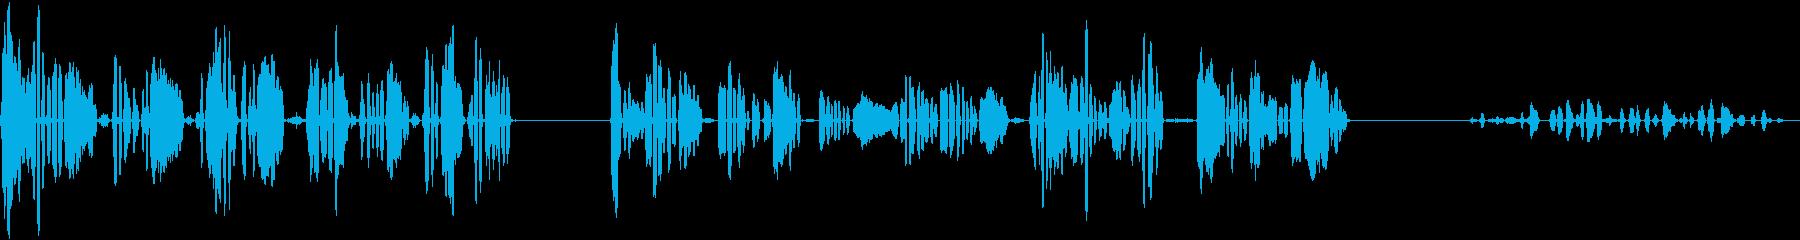 、3つのバージョン、人間; DIG...の再生済みの波形